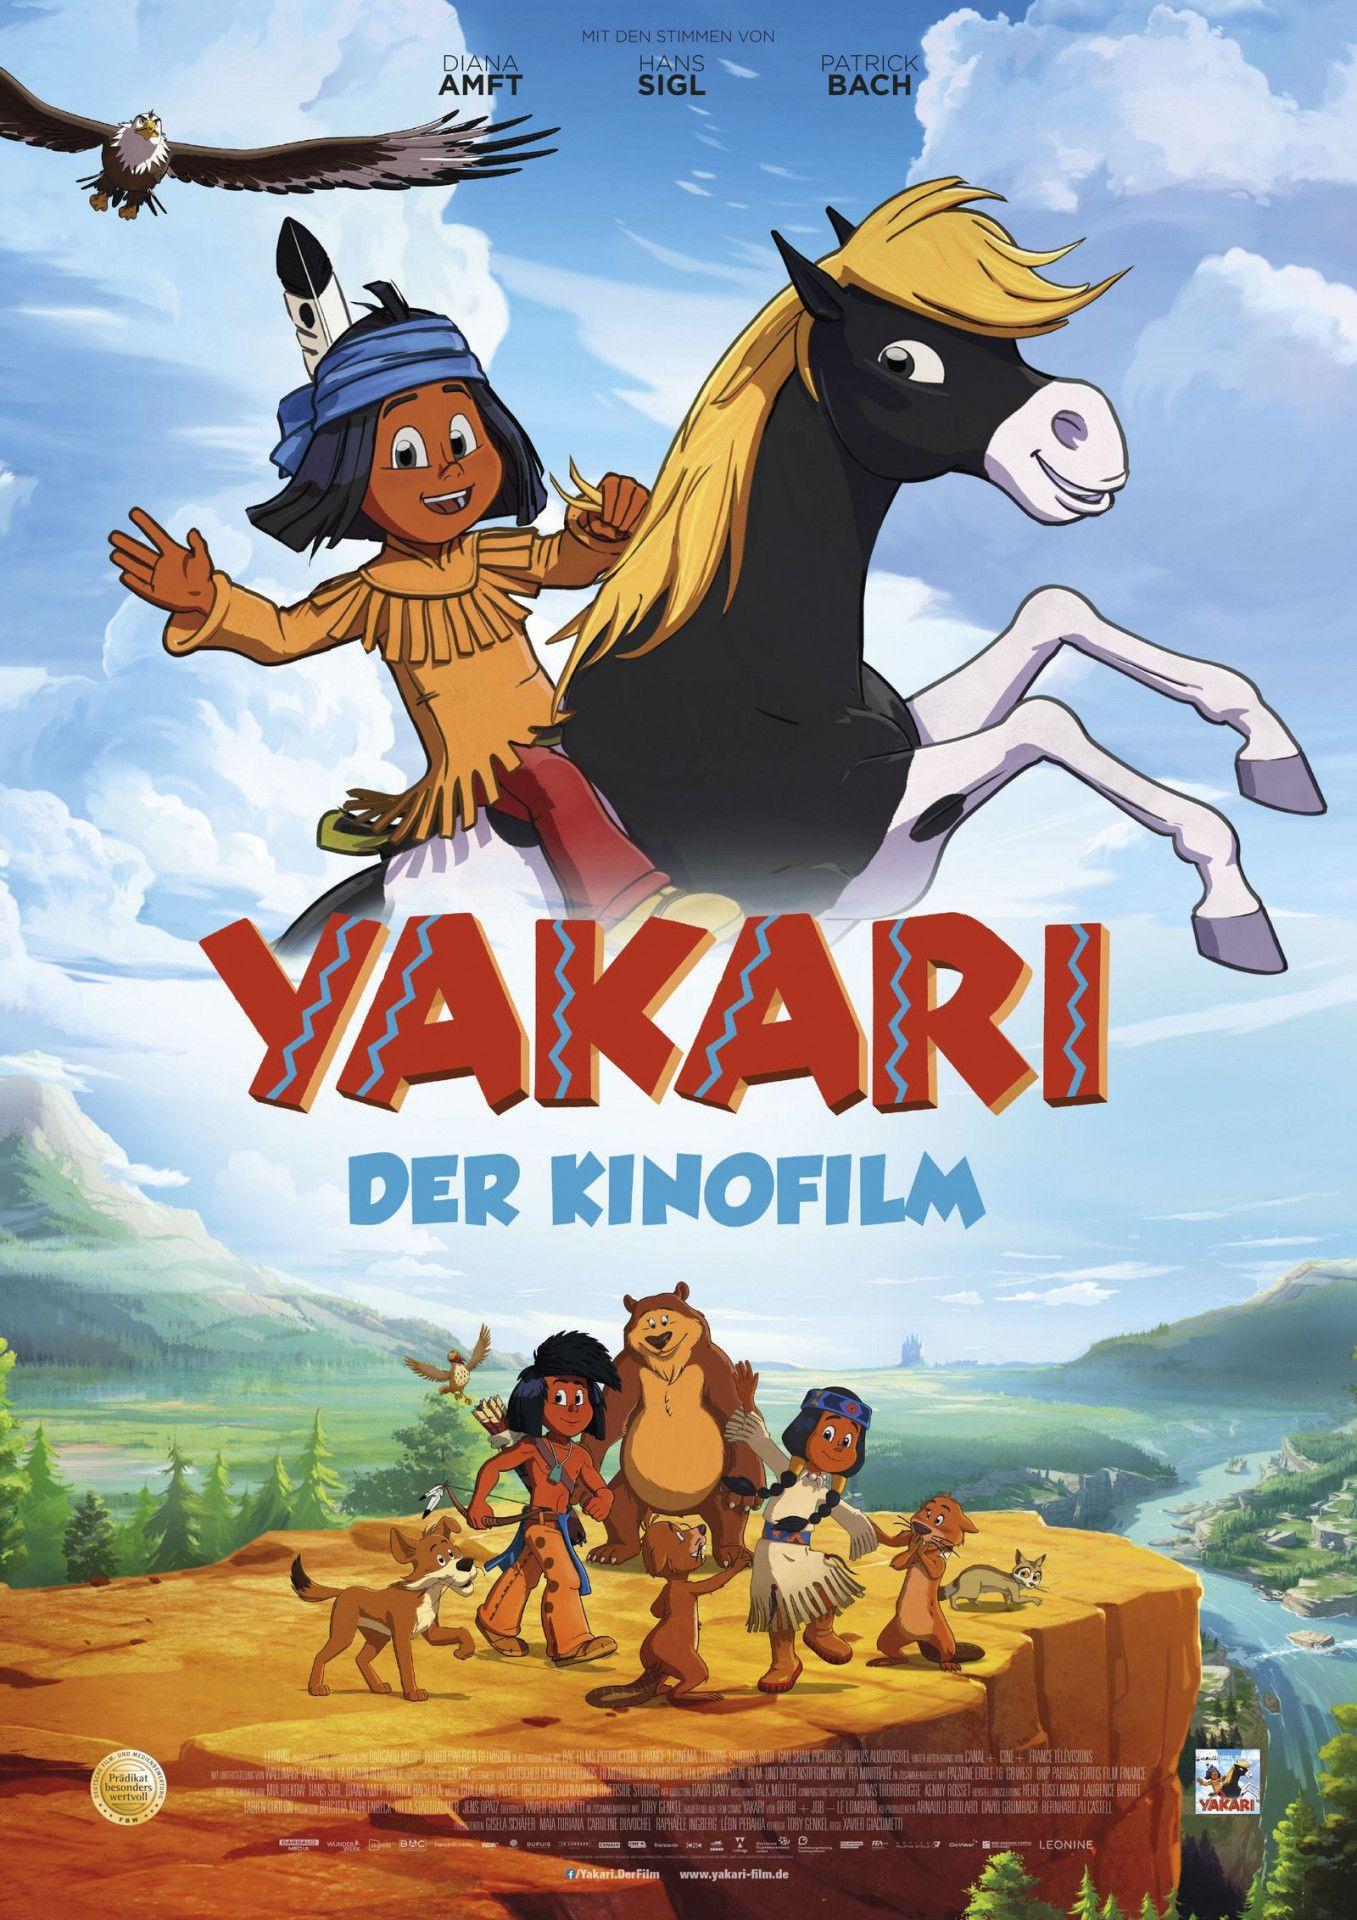 """Der Held der Kinderzimmer erobert die große Leinwand: """"Yakari - Der Kinofilm""""."""